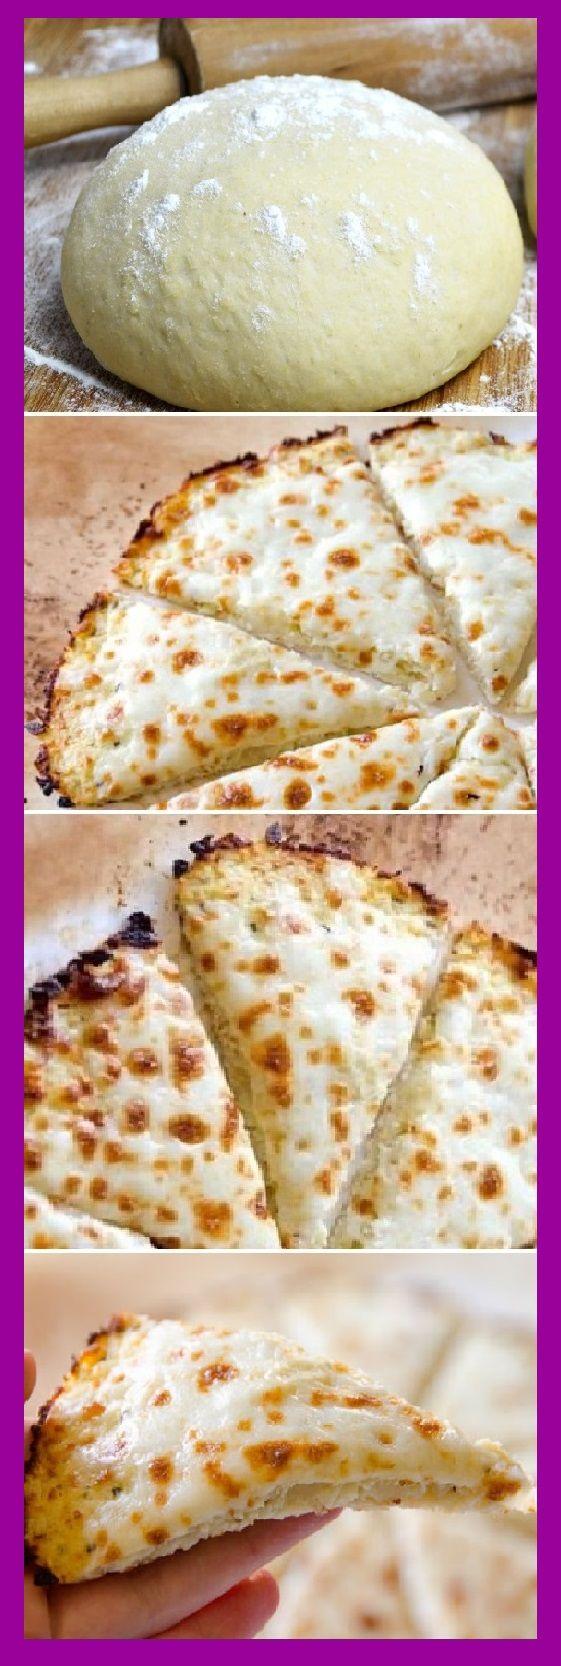 La Mejor Masa De Pizza Casera Para Preparar Bases De Pizzas Estilo Domino S Pizza Hut Y Telepizza Pizzas Caseras Receta Recetas Faciles Para Cocinar Comida